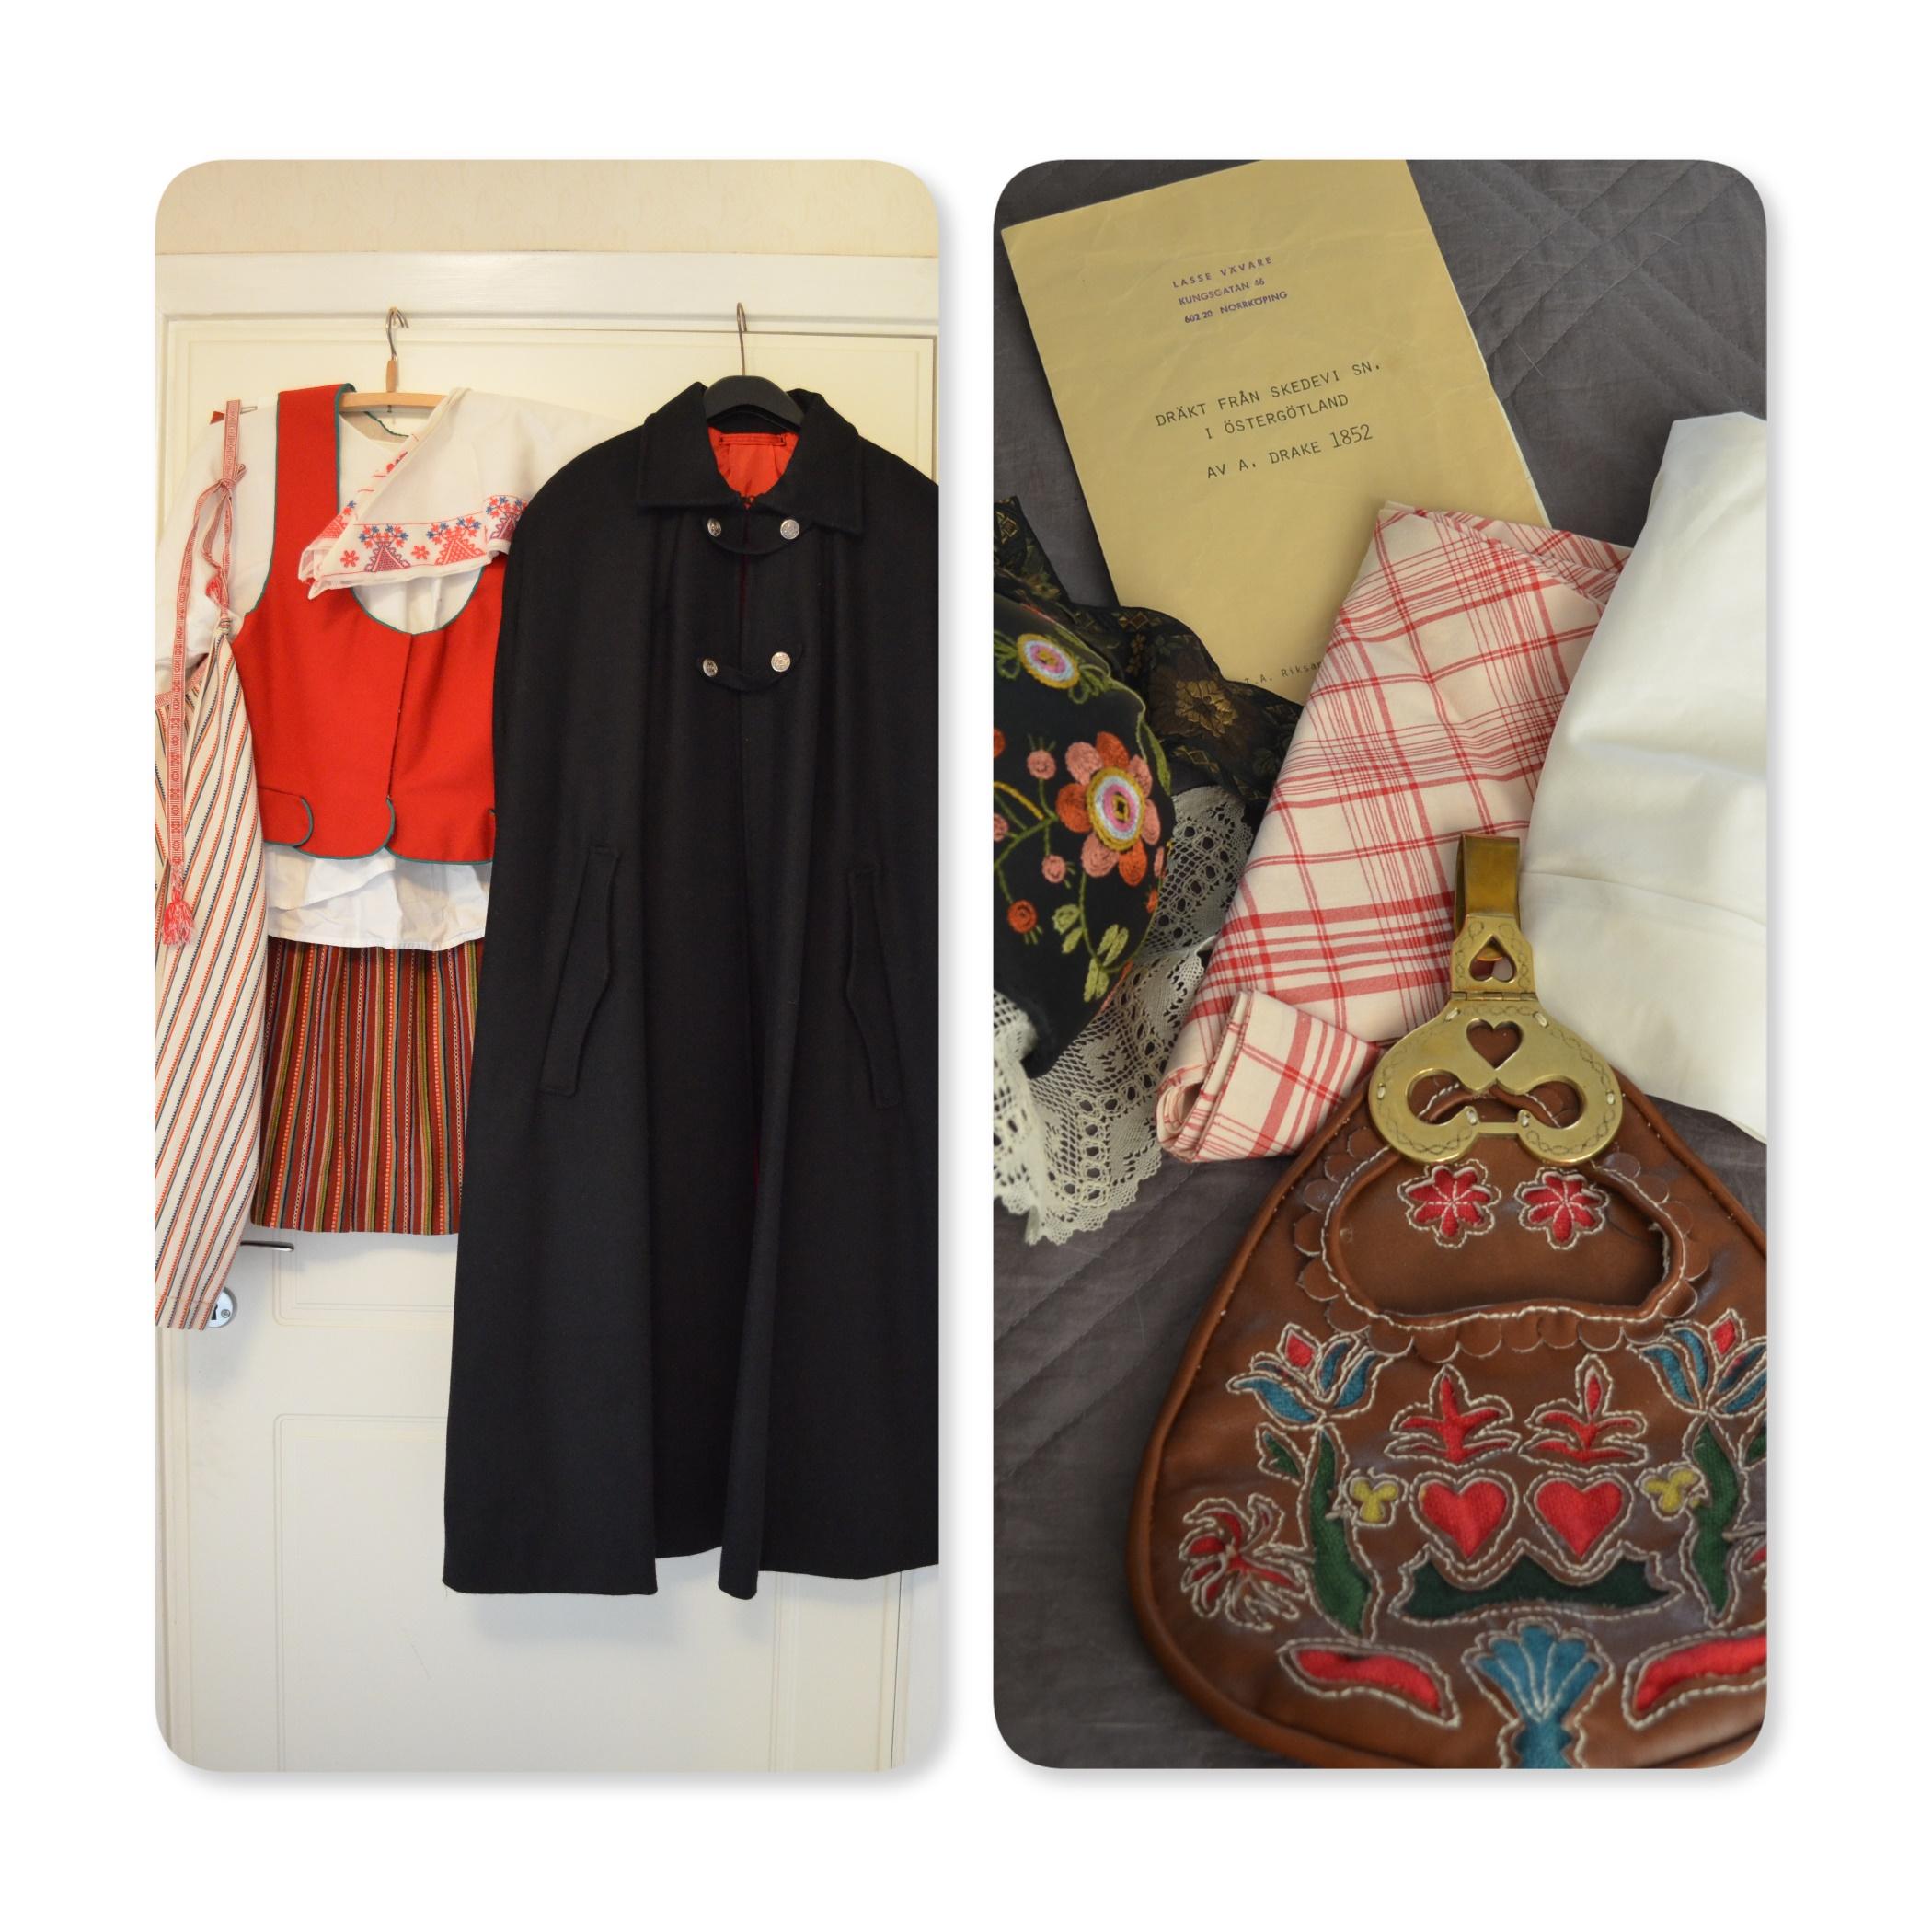 d12d29d51aa8 Stl. är möjligen runt 40-42. Blus, kjol, förkläde, väska, mössa/hätta,  sjal, sjalsmycke, två sjalhättor, cape. Finns fler bilder vid intresse.